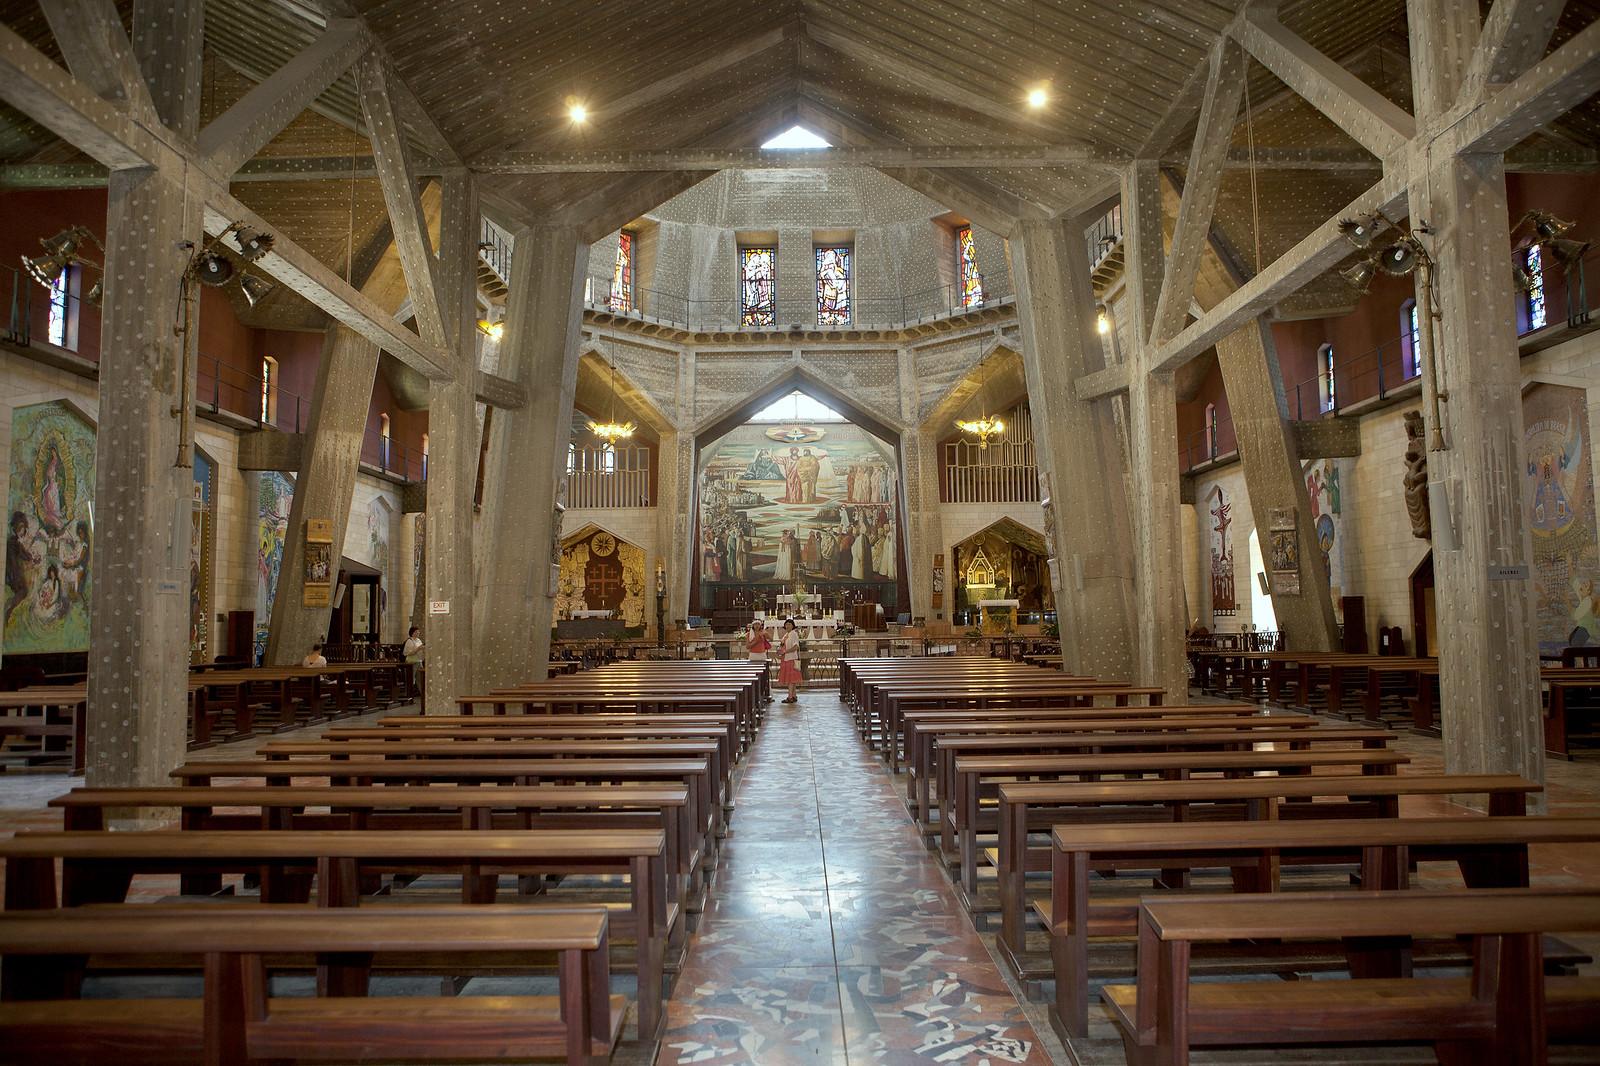 Nazareth_Basilica of the Annunciation_3_Mordagan_IMOT